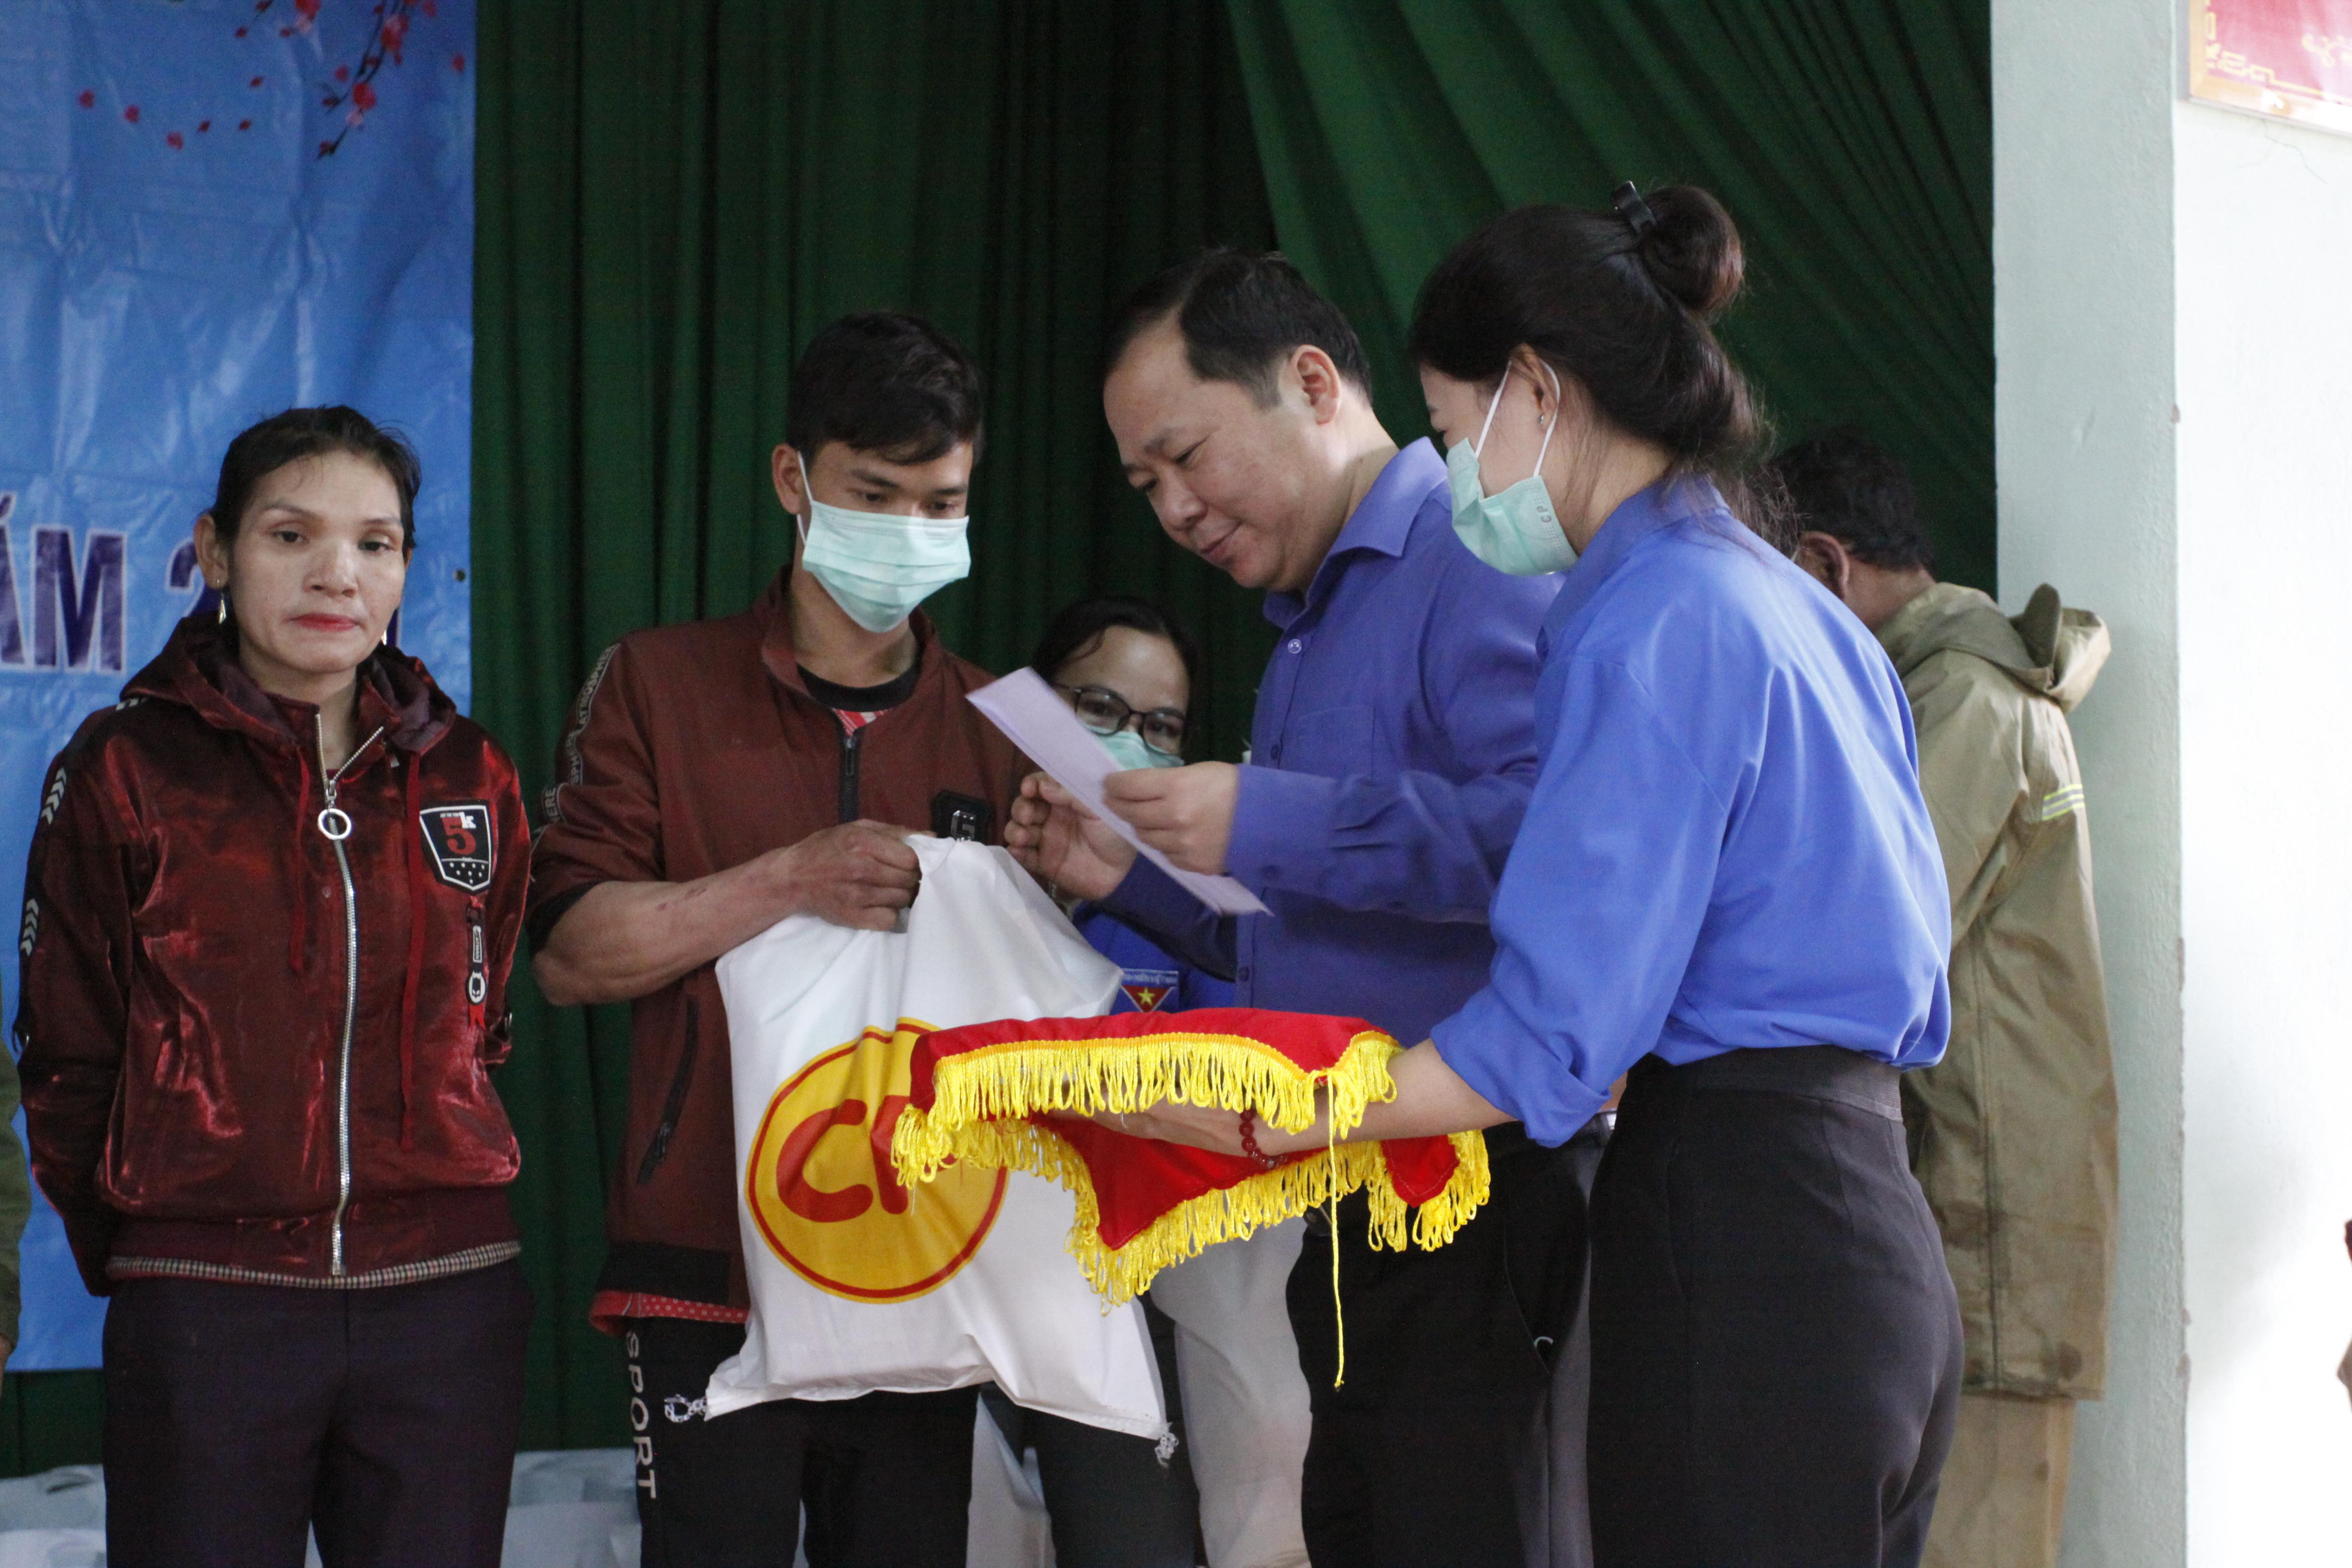 Ông Nguyễn Phi Long, Chủ tịch UBND tỉnh Bình Định tặng quà cho bà con xã An Toàn